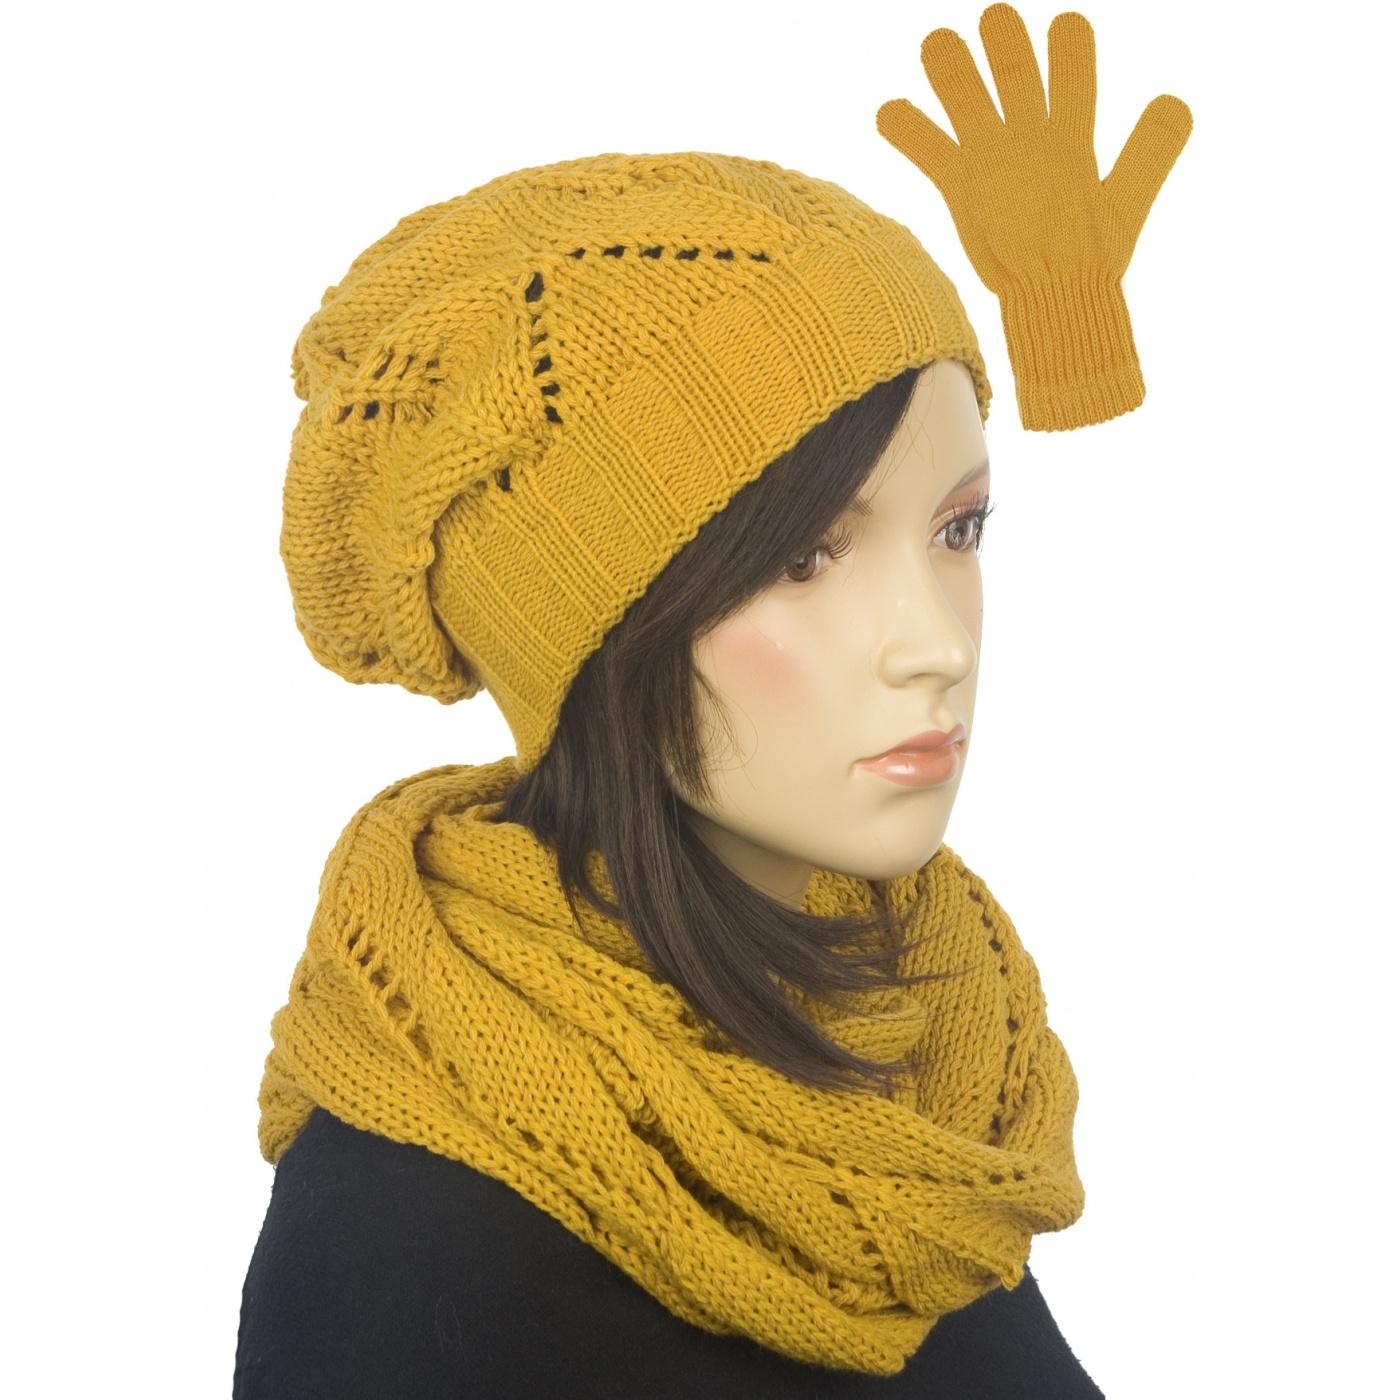 Ażurowy komplet damski czapka, komin, rękawiczki - musztardowy